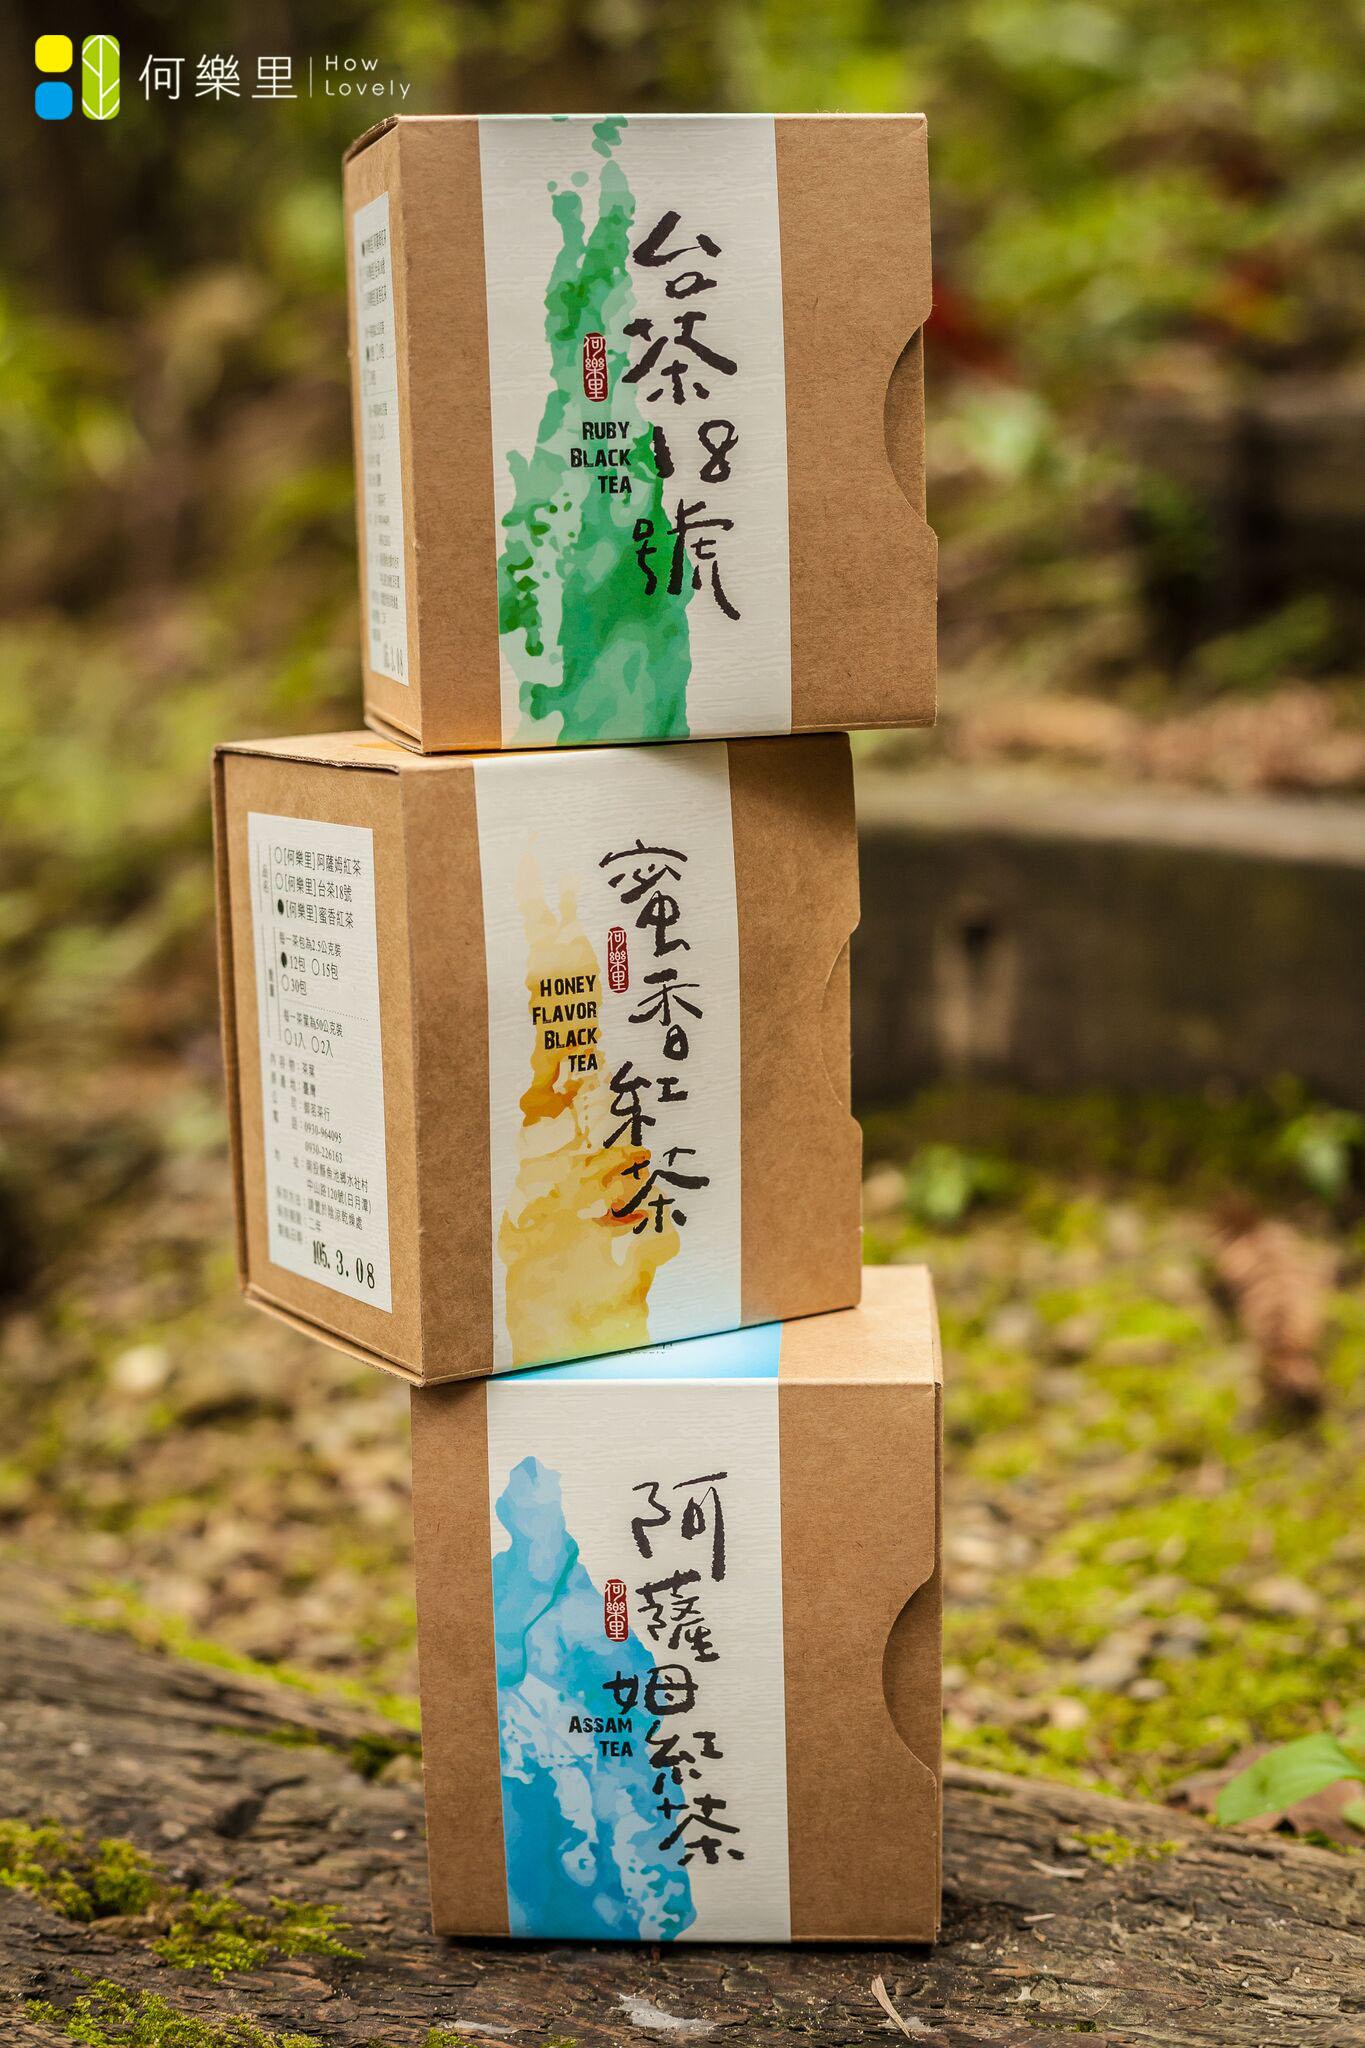 «何樂里»㊣午後小確幸㊣台灣在地精選紅茶系列-阿薩姆紅茶、台茶18號紅玉紅茶、台茶18號蜜香紅茶㊣茶包12包裝/盒㊣茶湯色濃,茶味香醇,午茶首選最推薦( ^ω^)